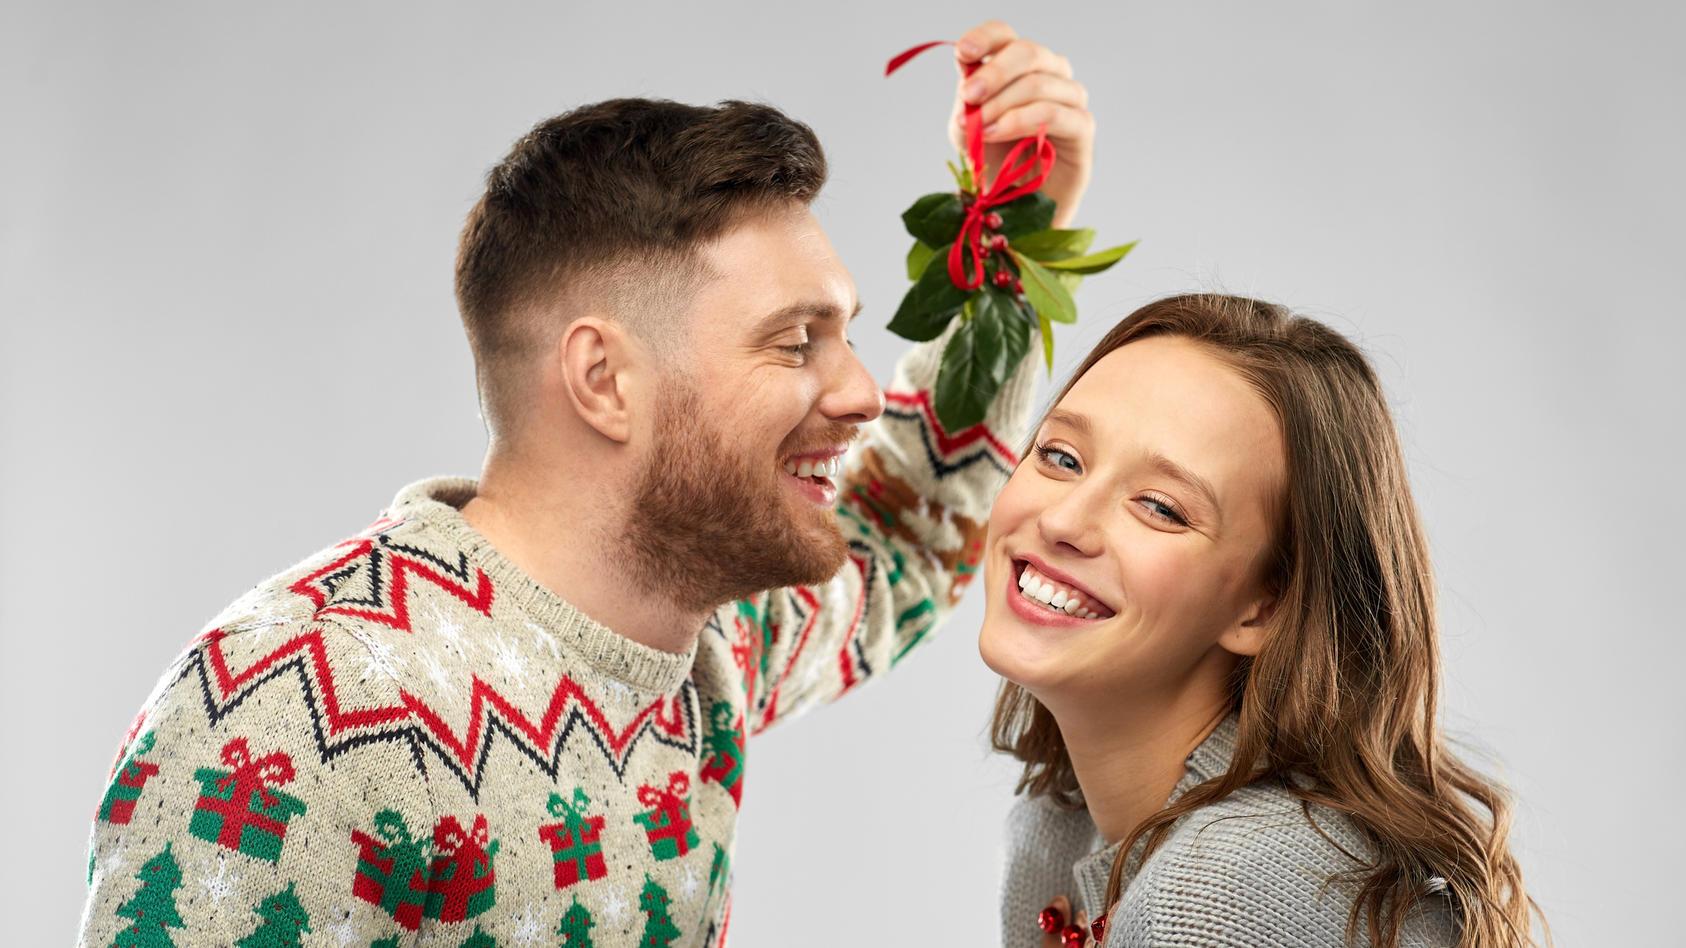 Der Kuss unter dem Mistelzweig gehört einfach zu Weihnachten dazu